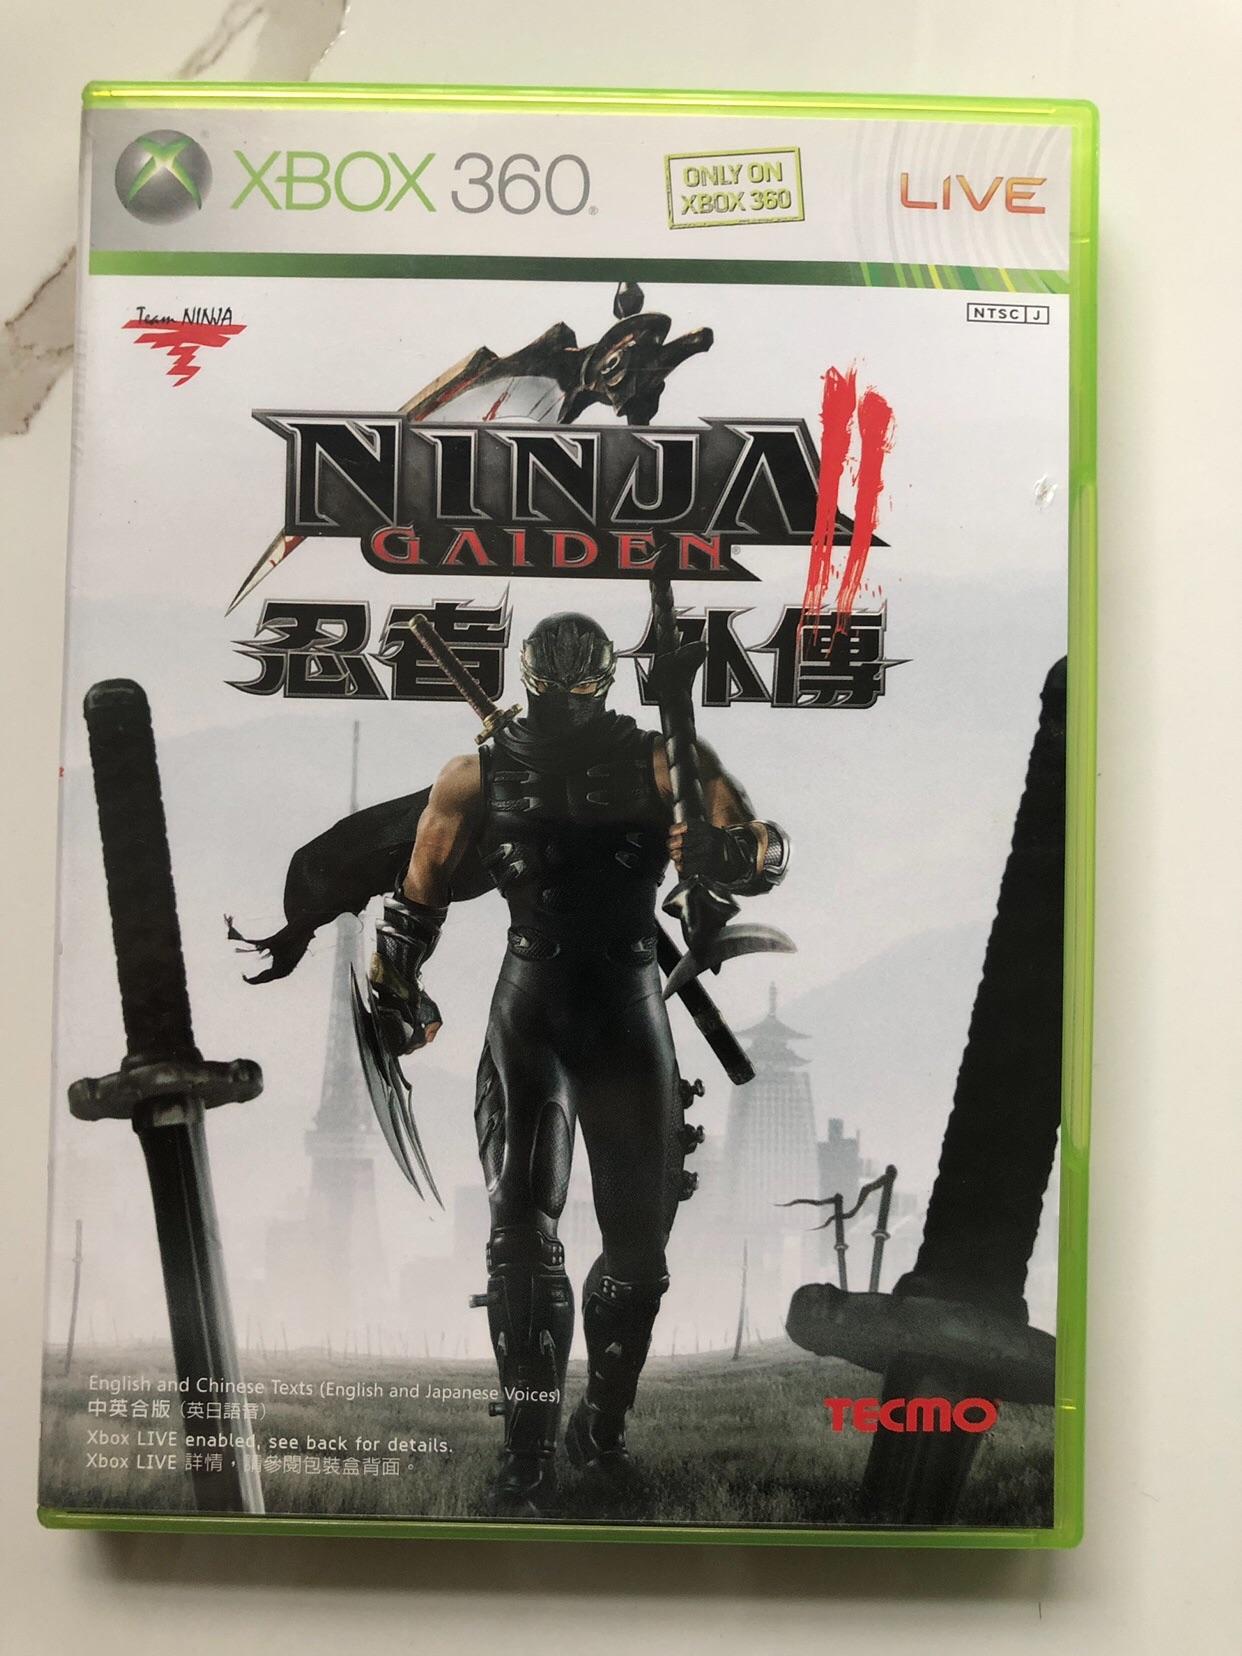 【遊戲光盤】xbox360正版遊戲光碟 忍龍2/忍者龍劍傳2/忍者外傳2 港版中文